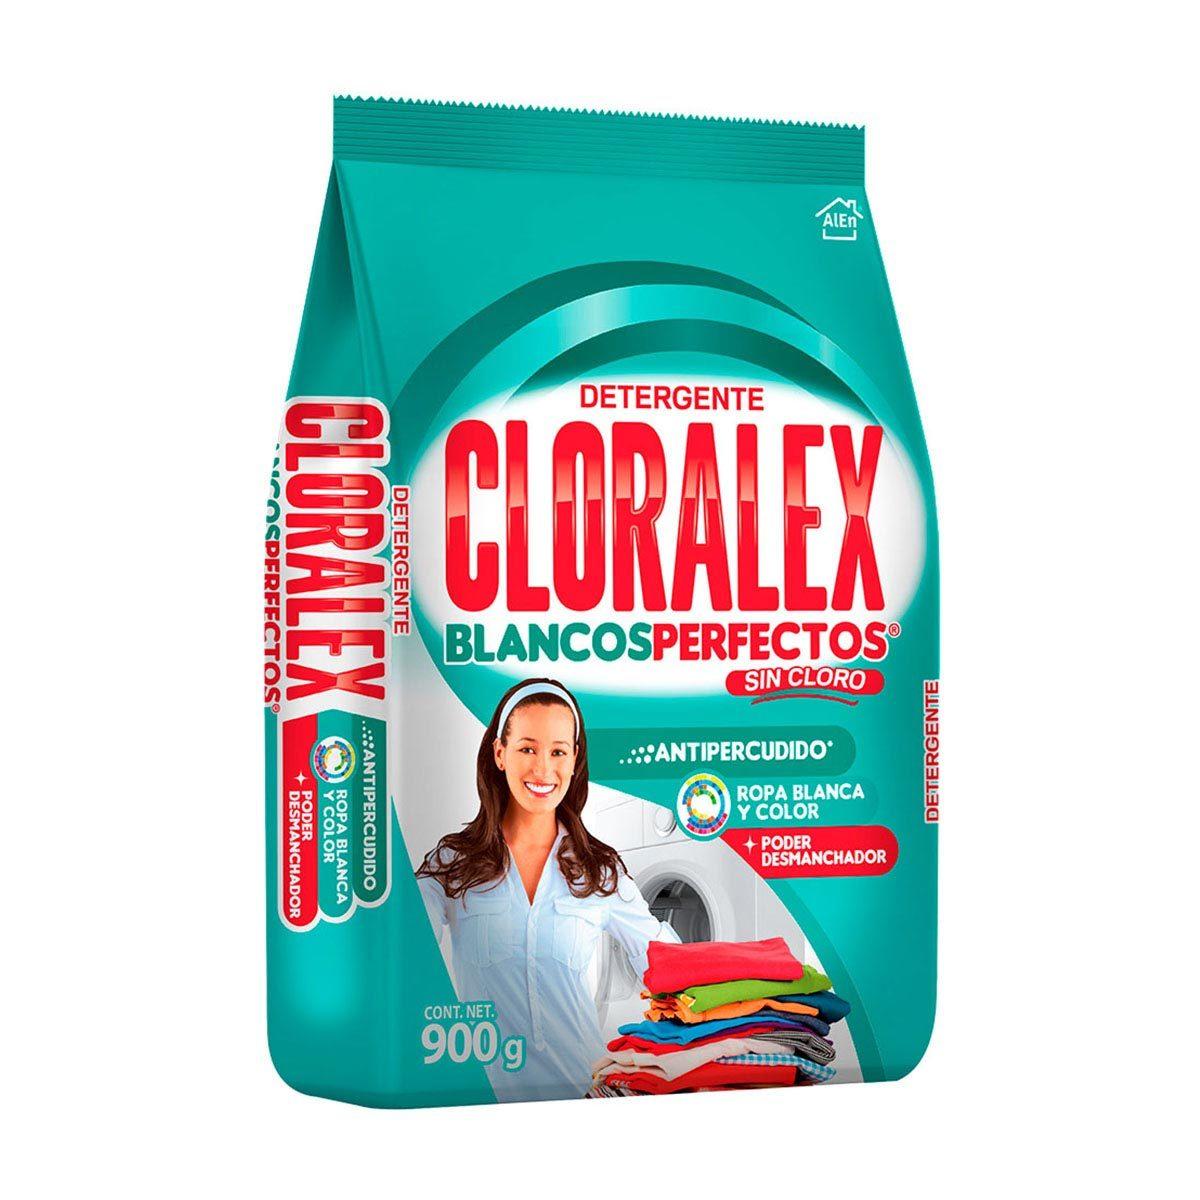 Chedraui tienda en línea: Detergente en Polvo Cloralex 900g